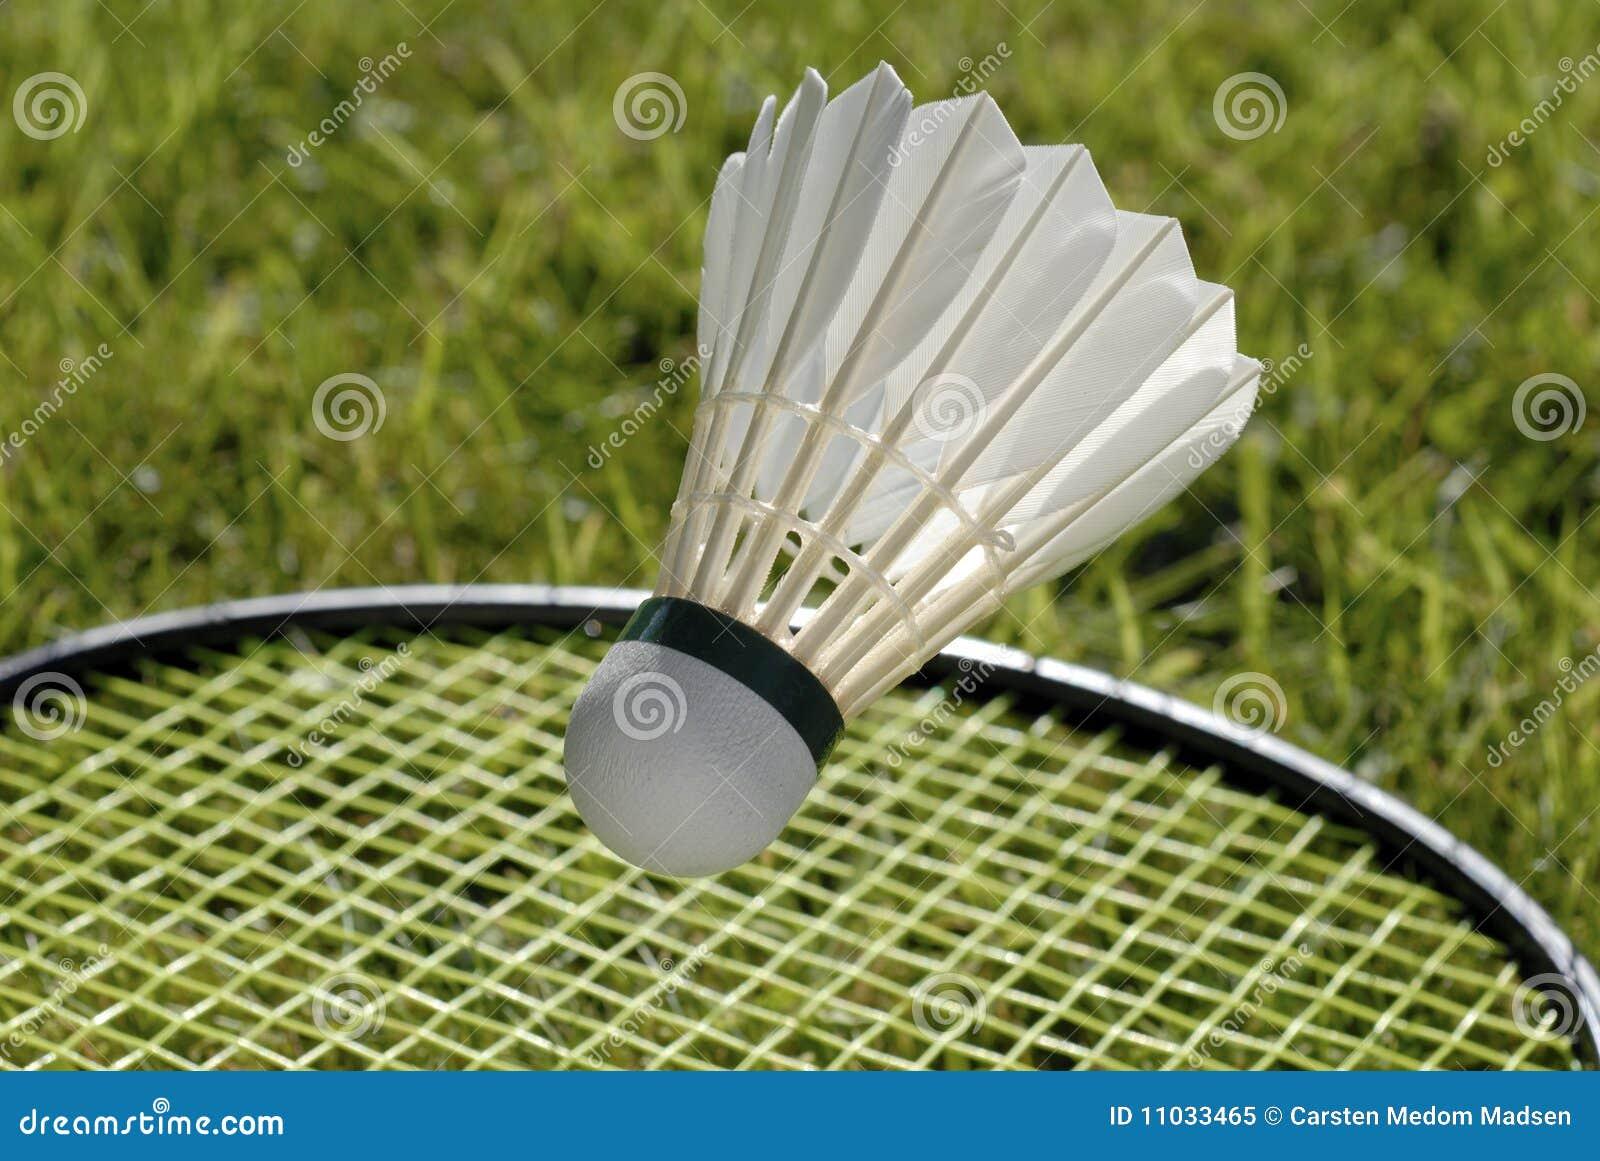 Shuttlecock e raquete